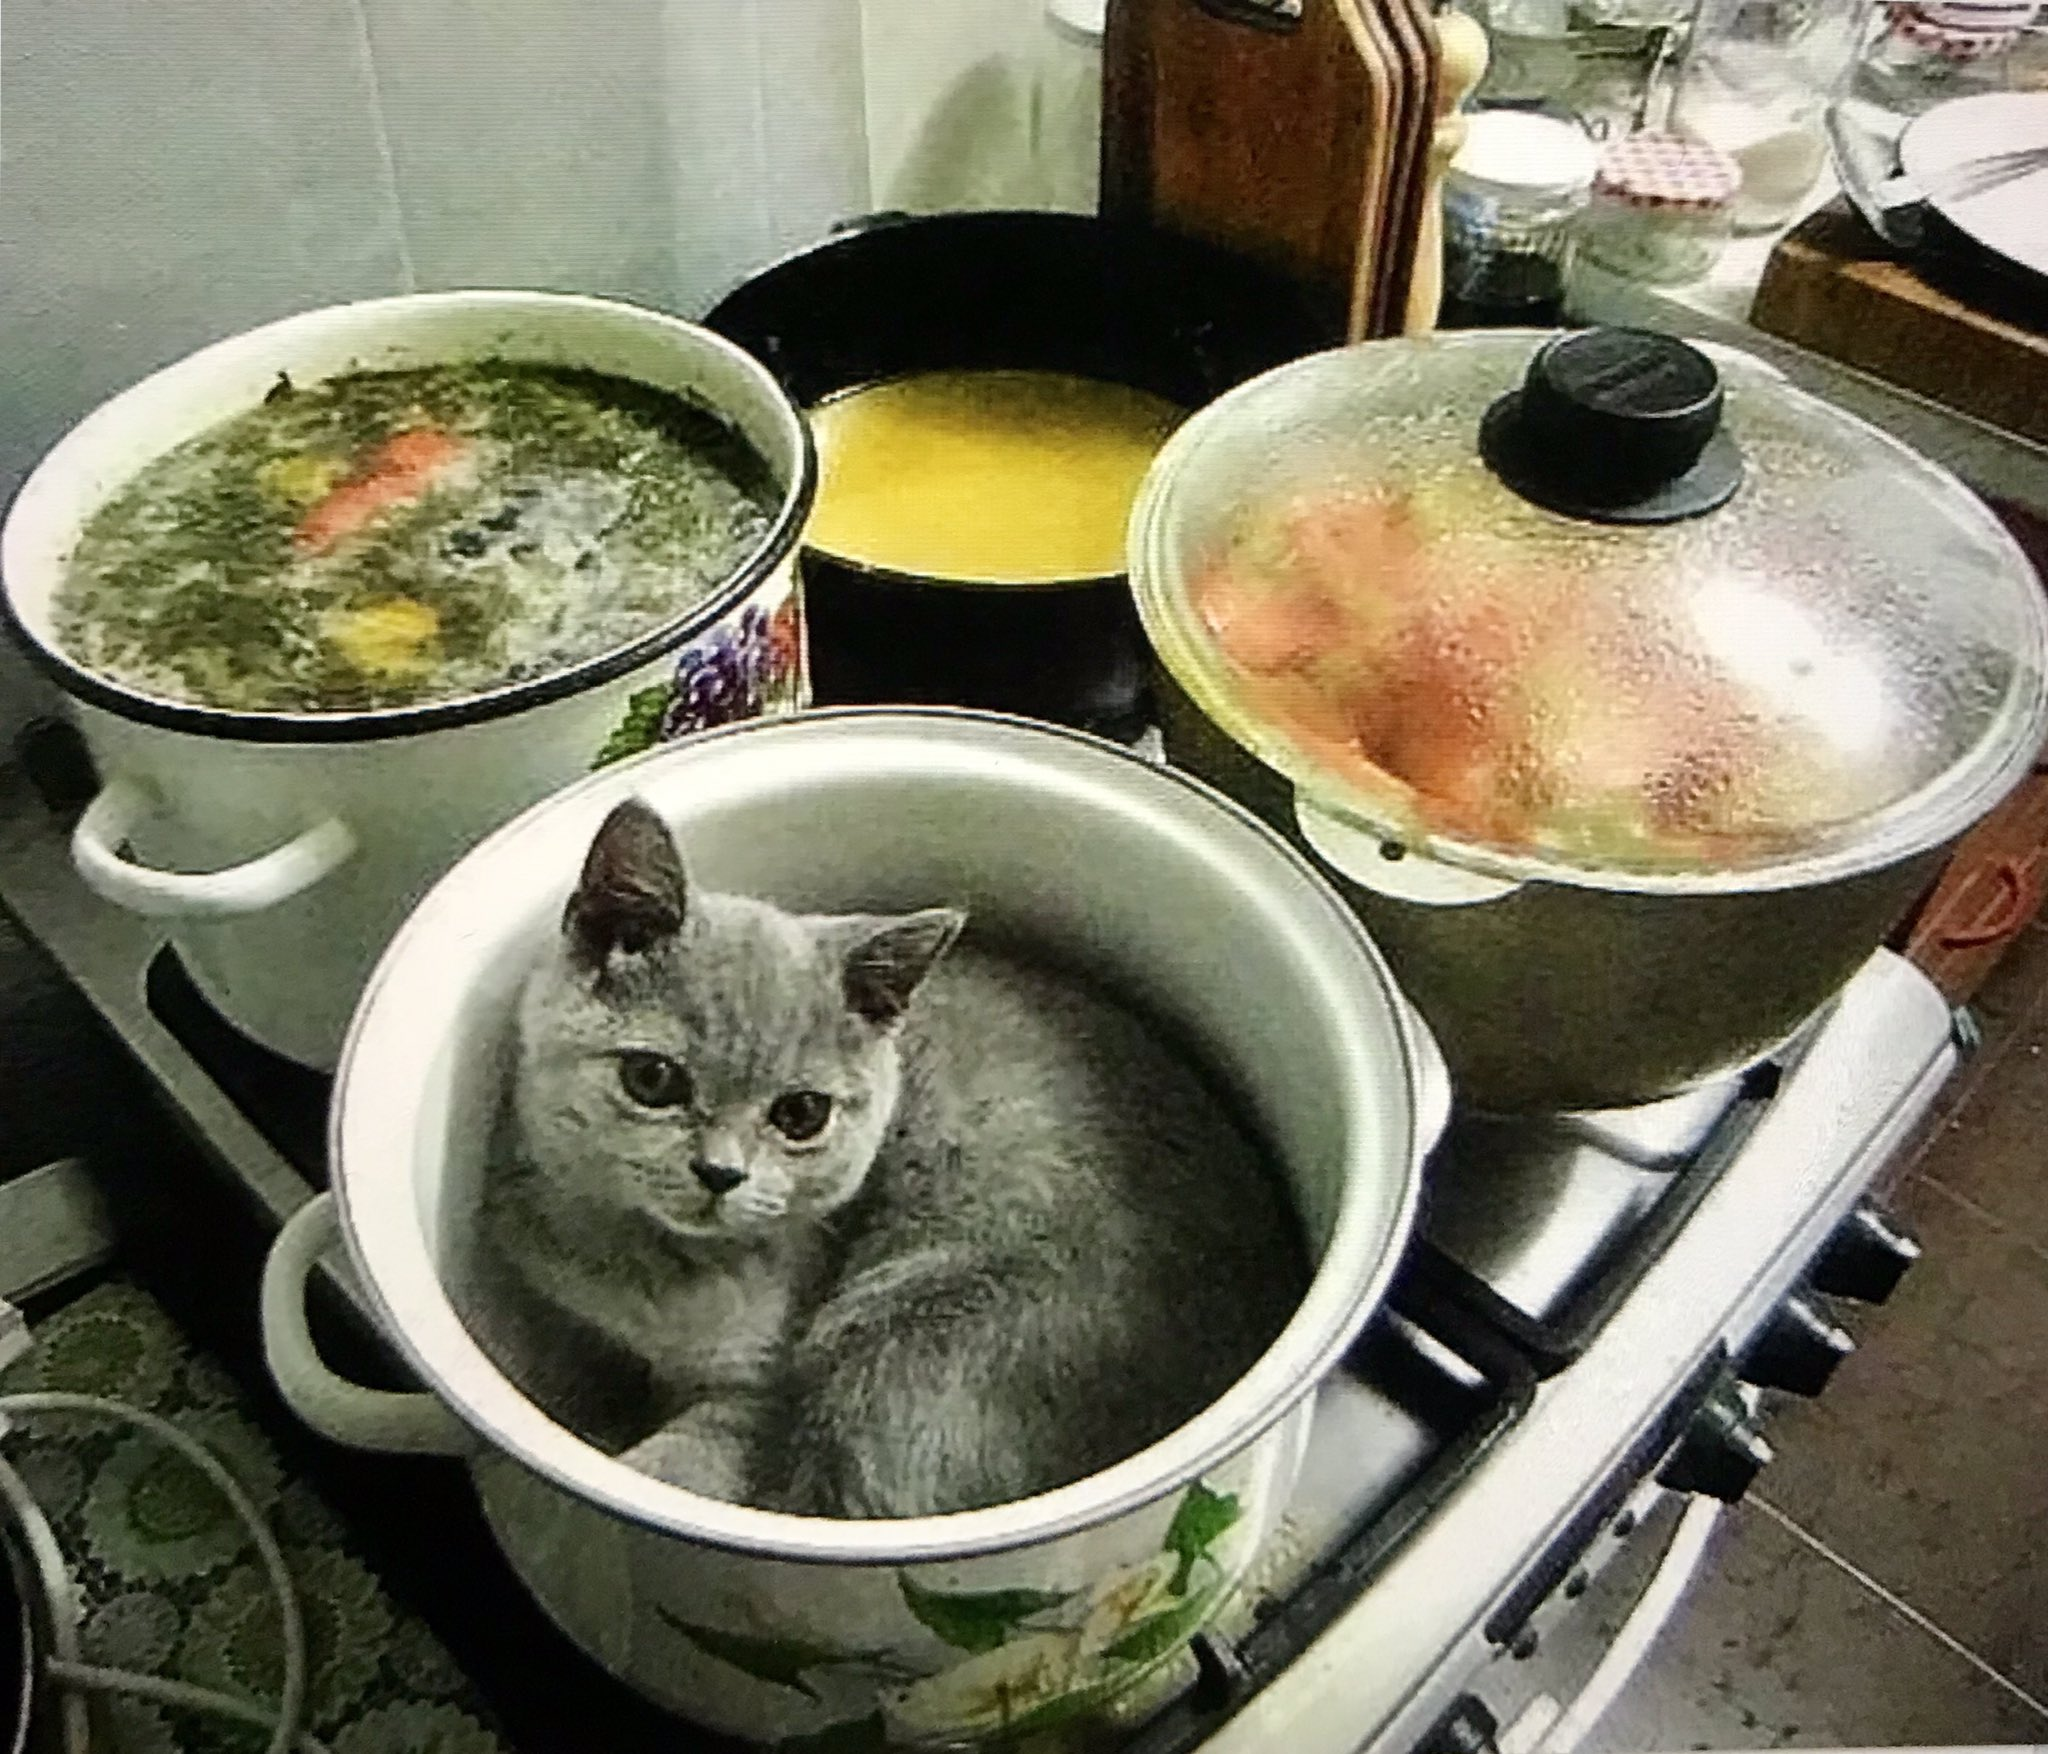 получает картинка смешная животные идет на обед знал, что вскоре